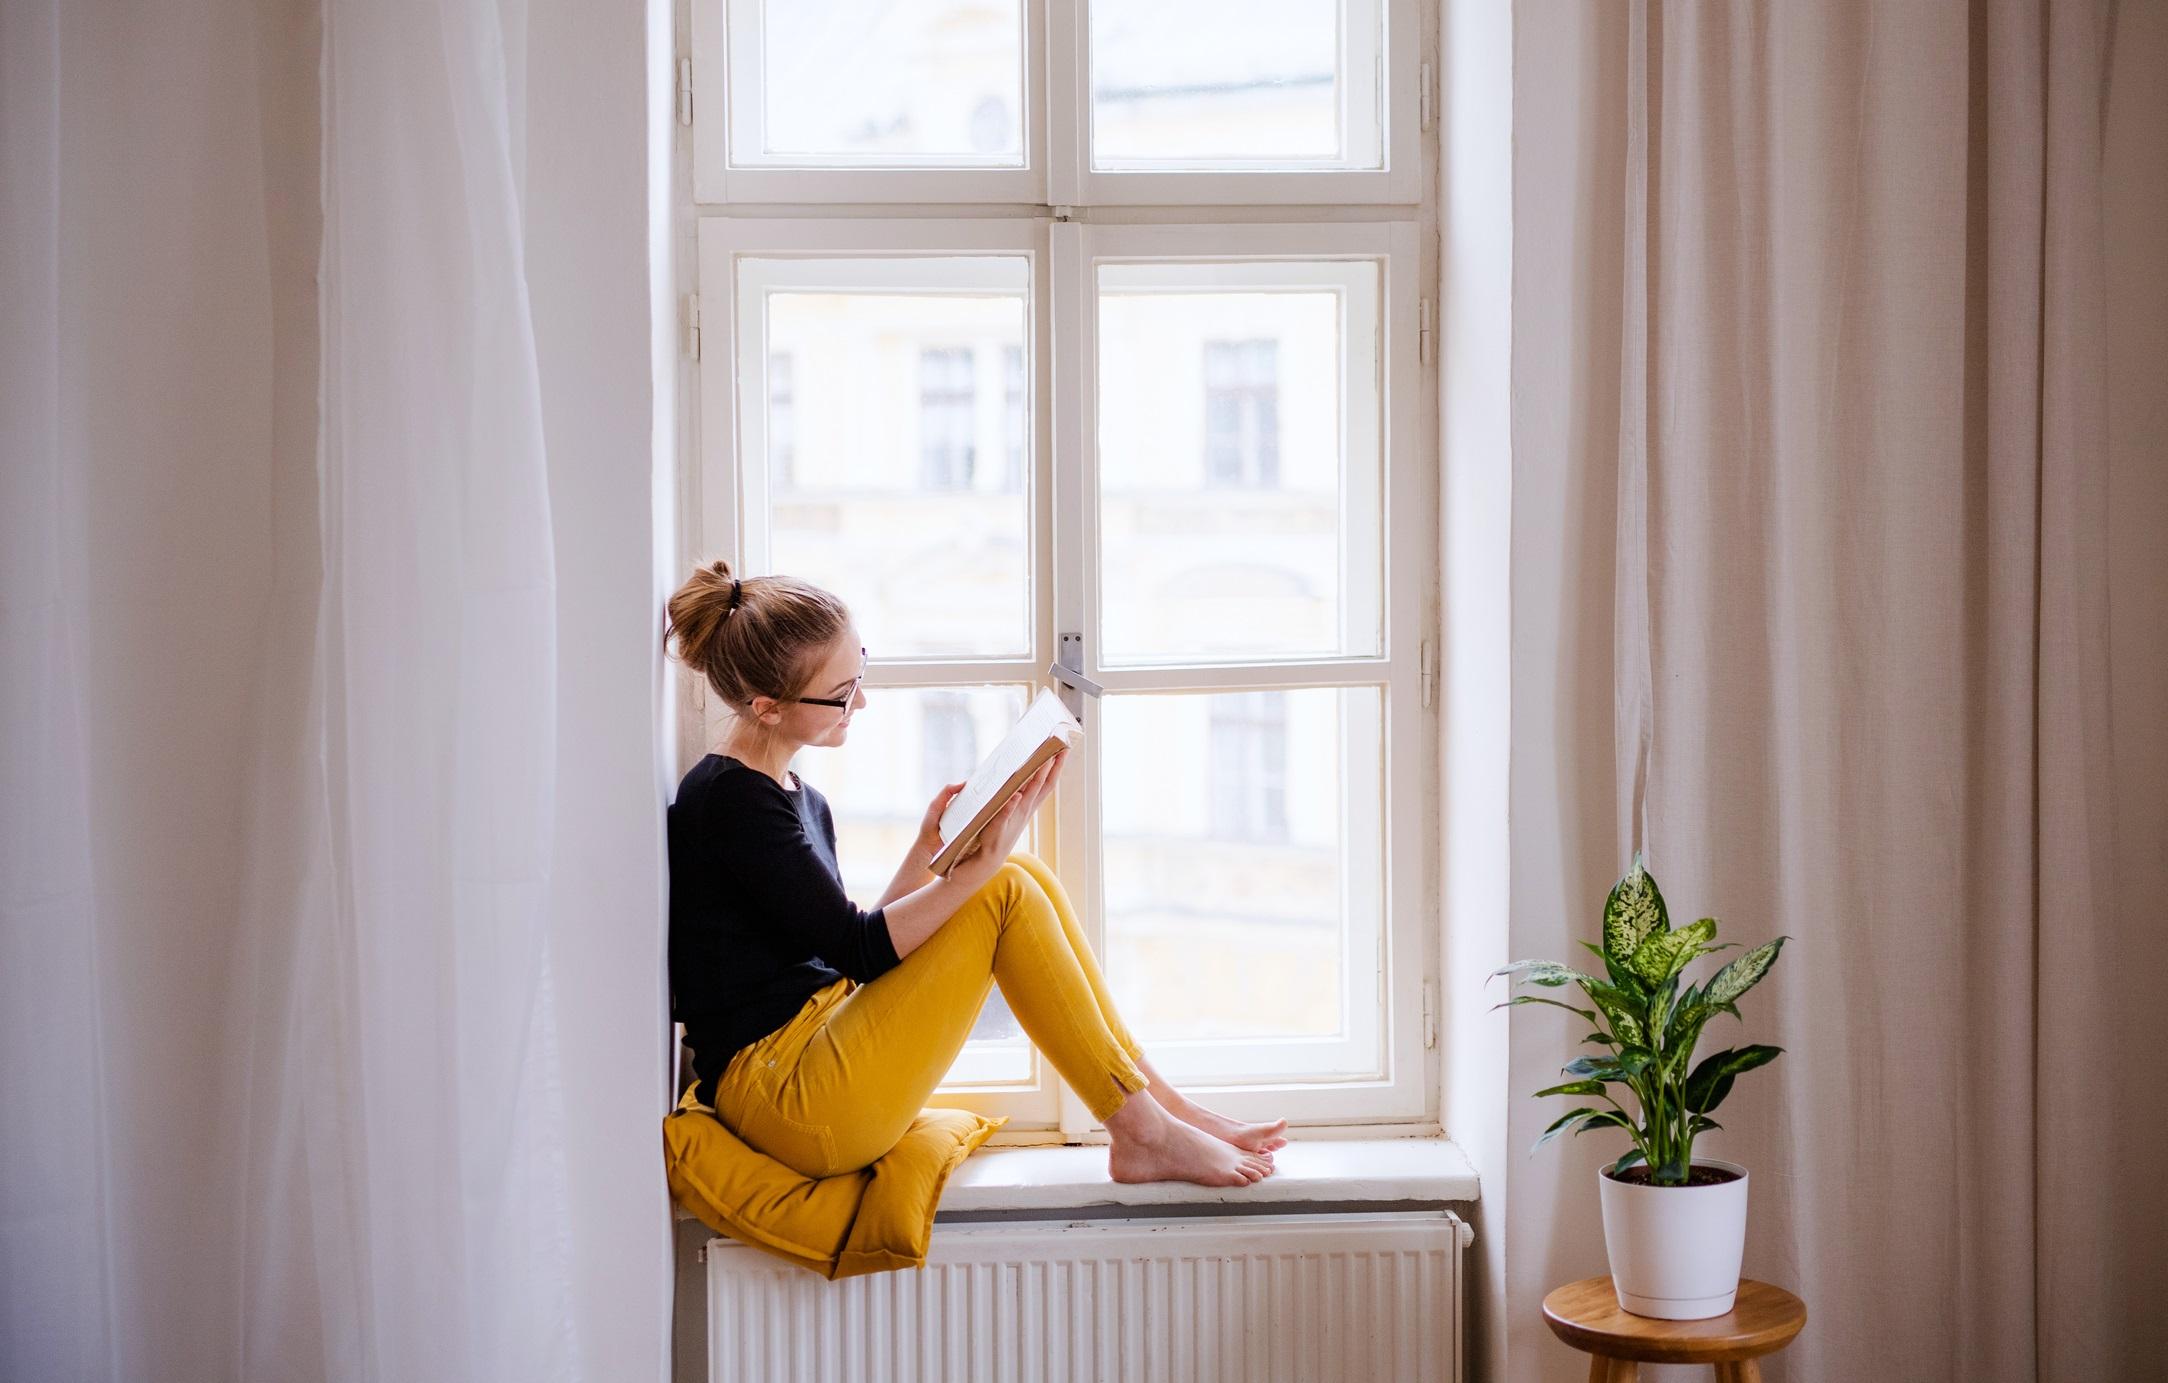 <p>Намерете си и други занимания вкъщи като четене, решаване на кръстословици. Сядайте на дивана само за няколко часа на ден, за да гледате предавания и филми,&nbsp; за които знаете, че ще подобрят настроението ви.</p>